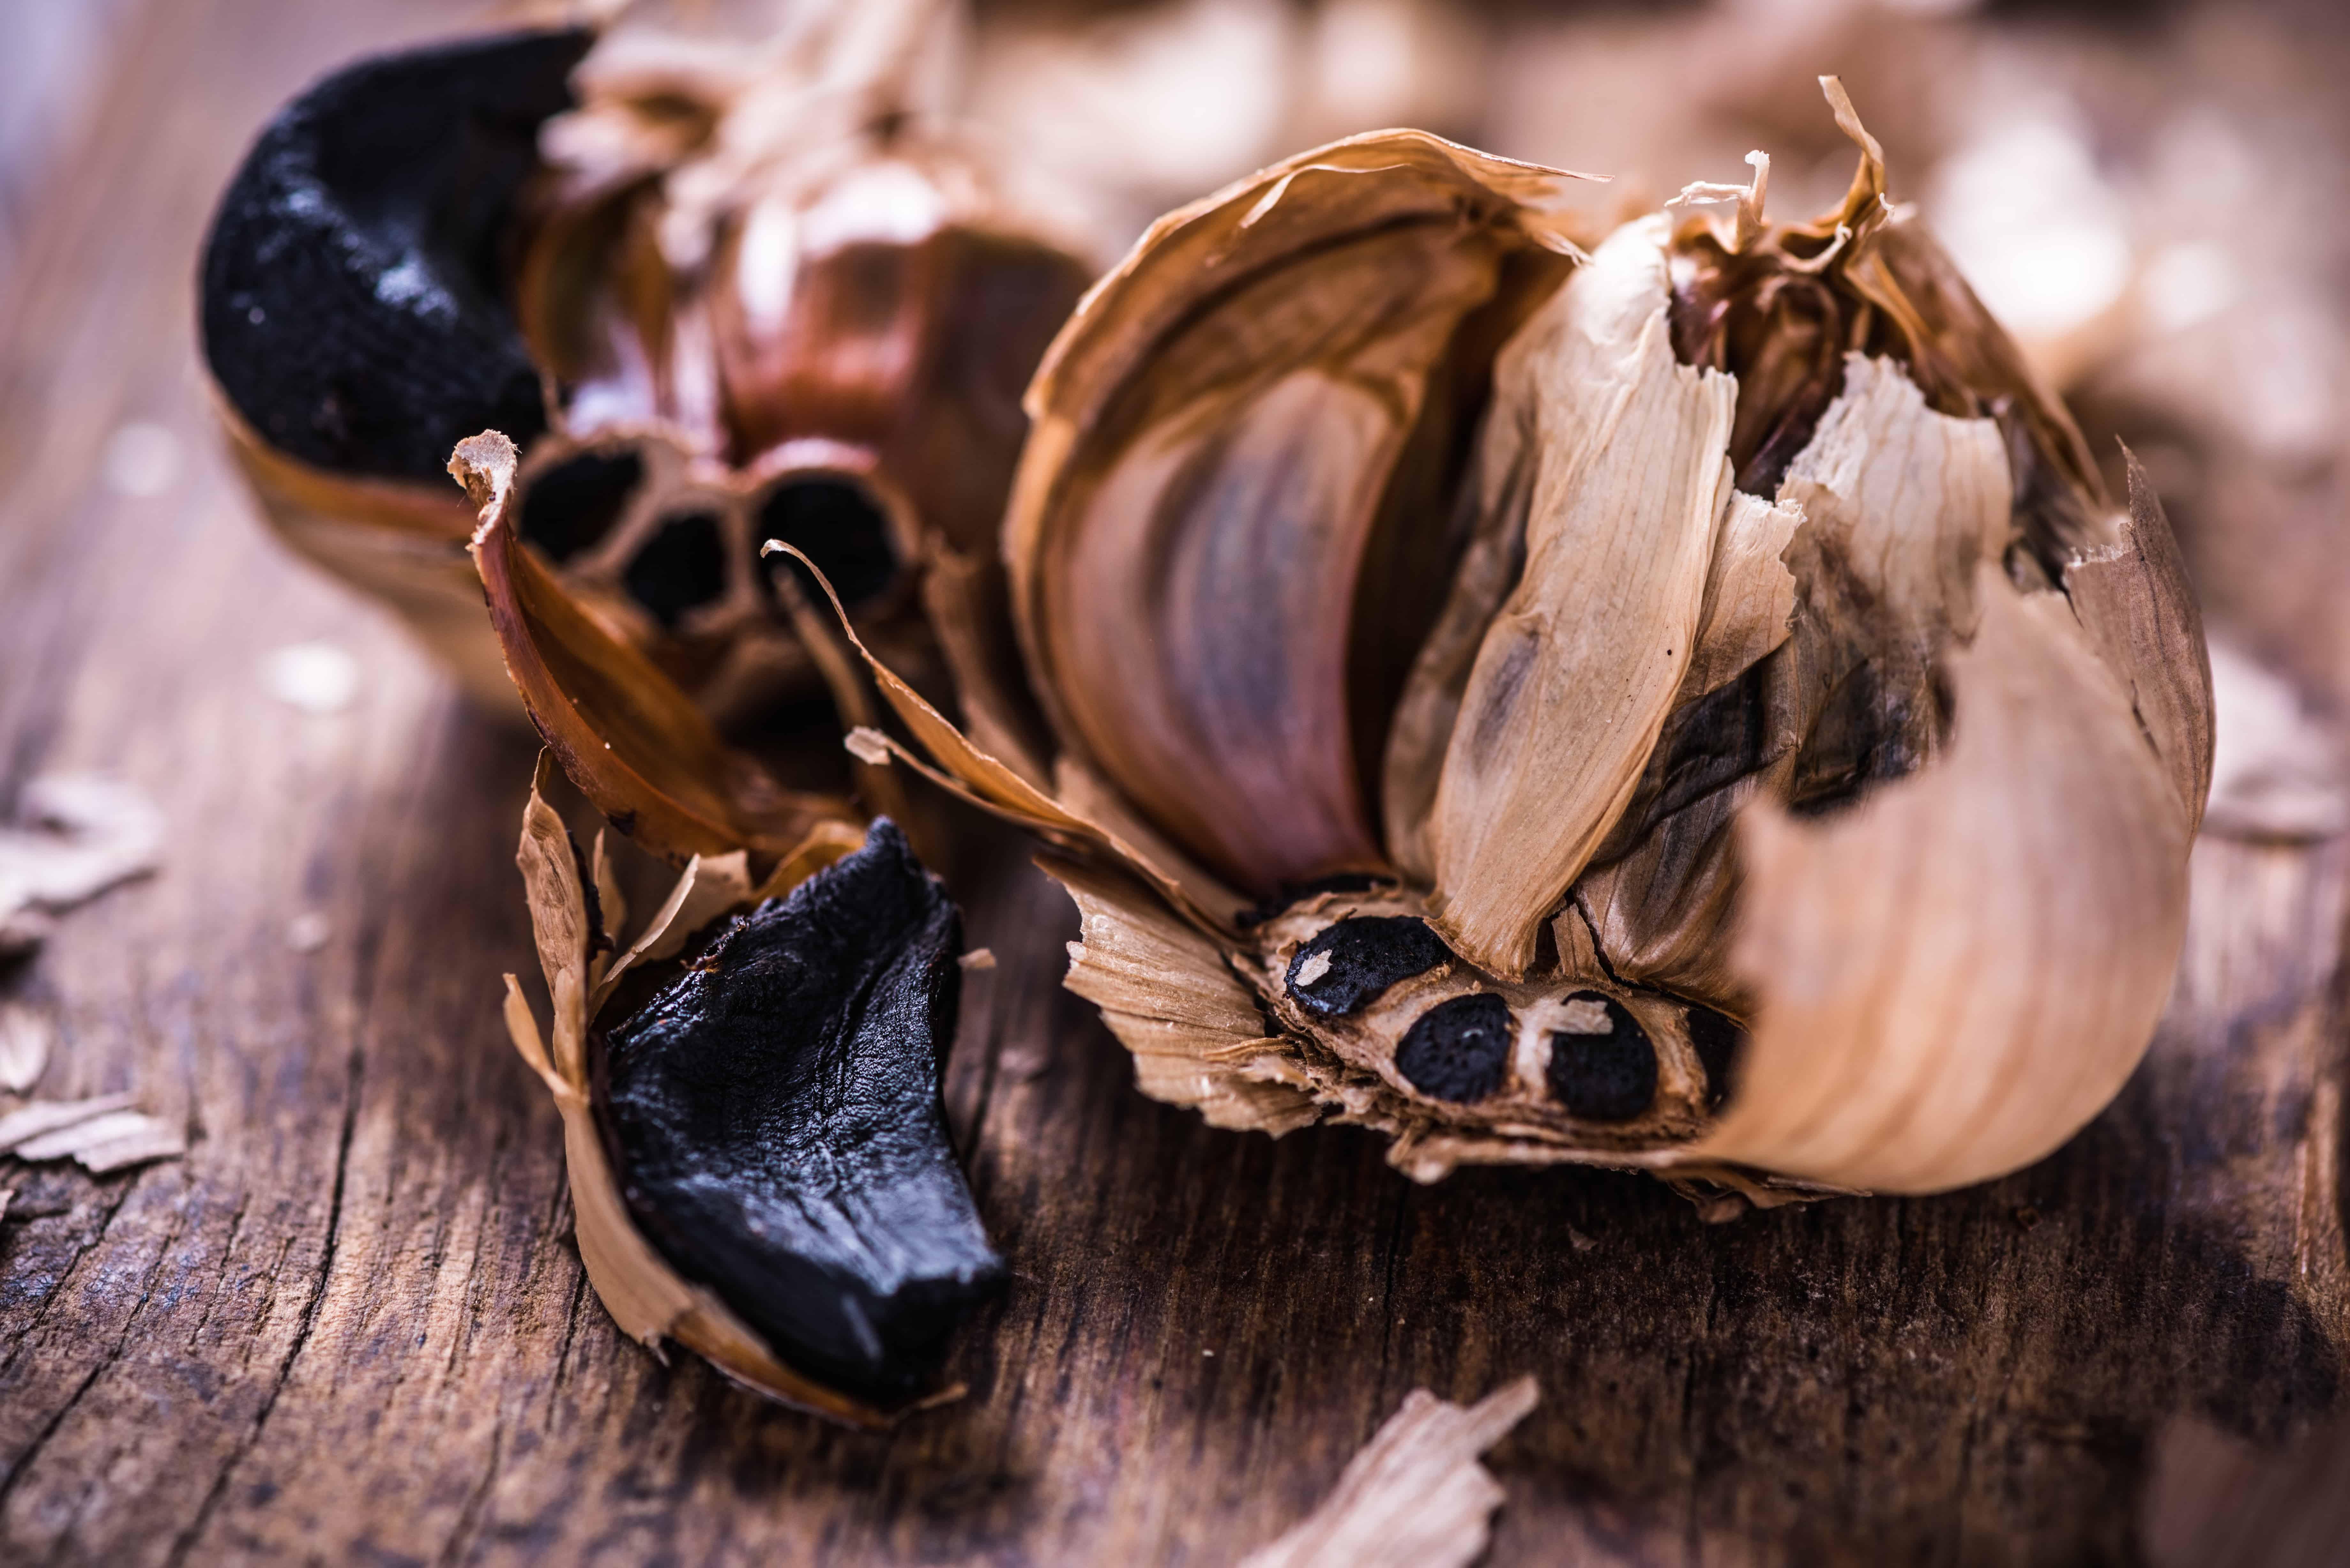 Schwarzer Knoblauch Extrakt: Test & Empfehlungen (01/20)